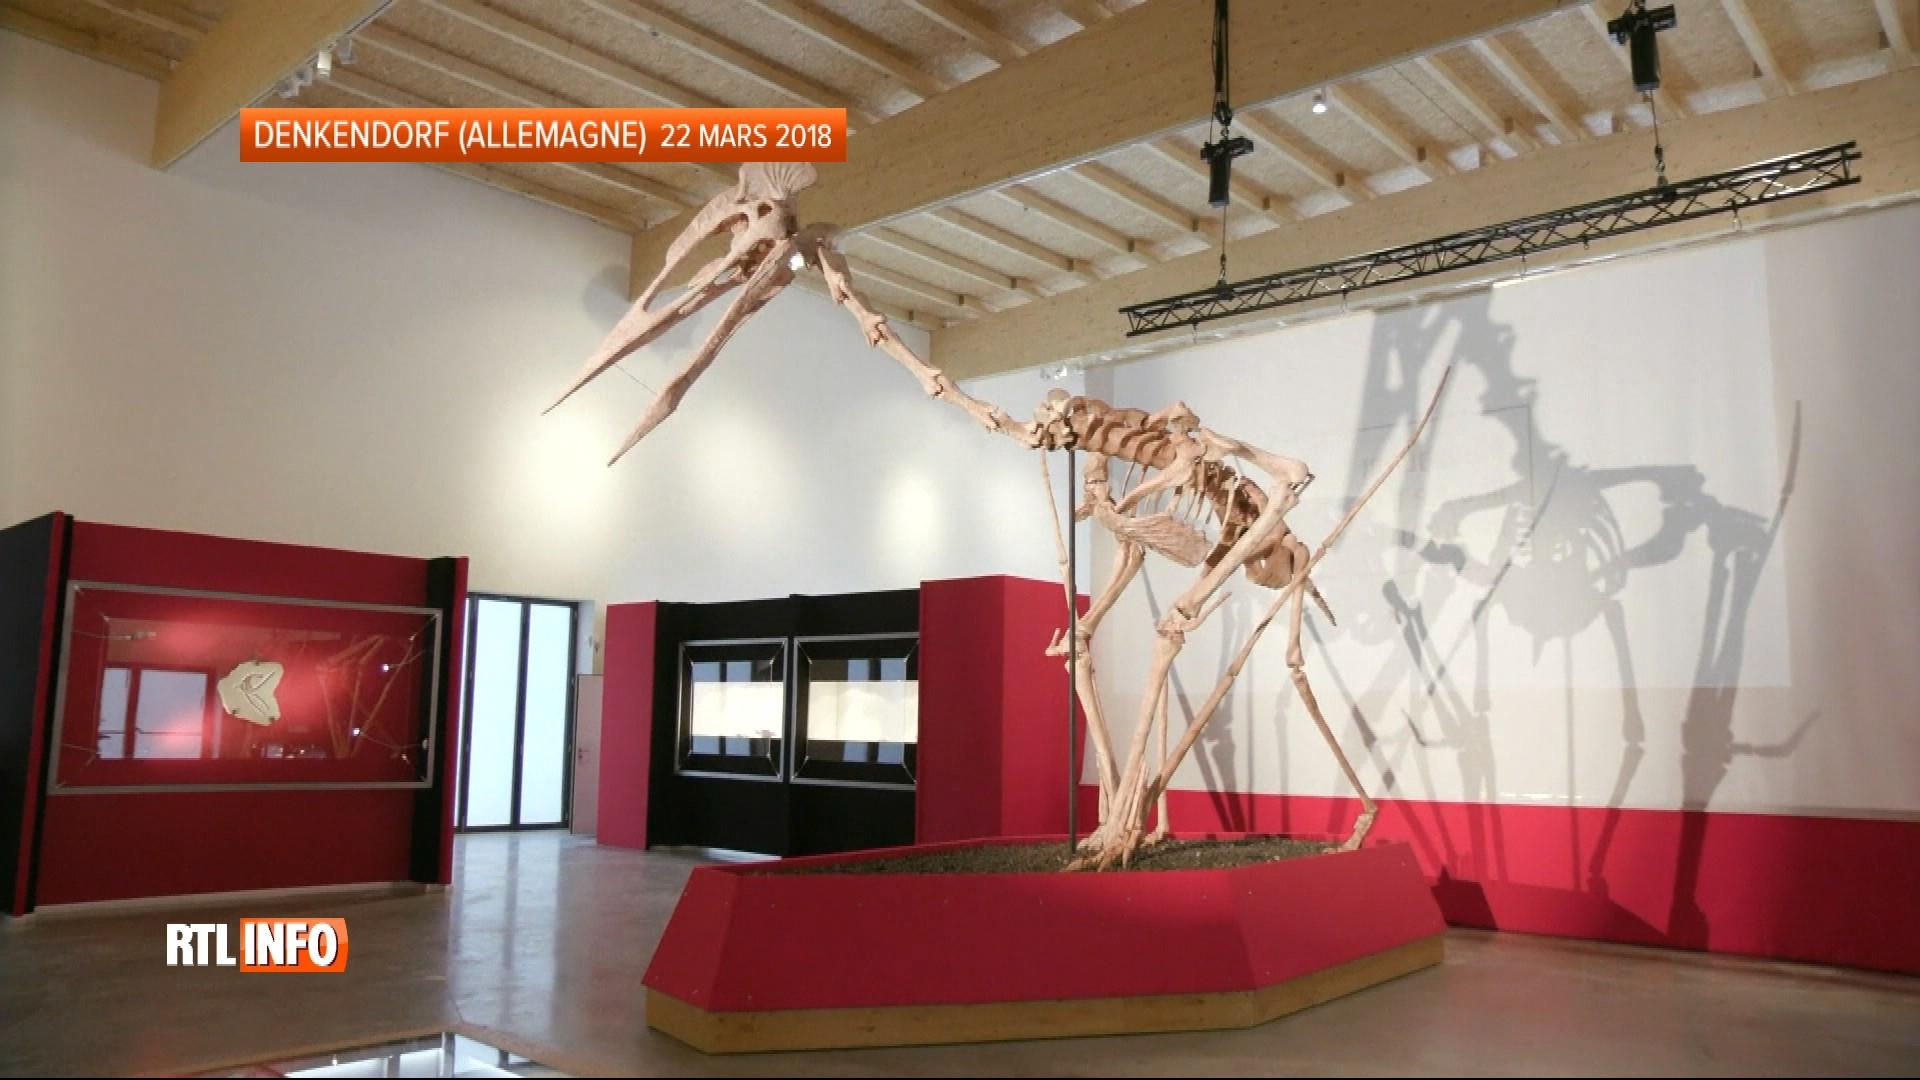 Il a des ailes aussi grandes qu'un planeur : ils ont découvert le plus grand squelette de ptérosaure !